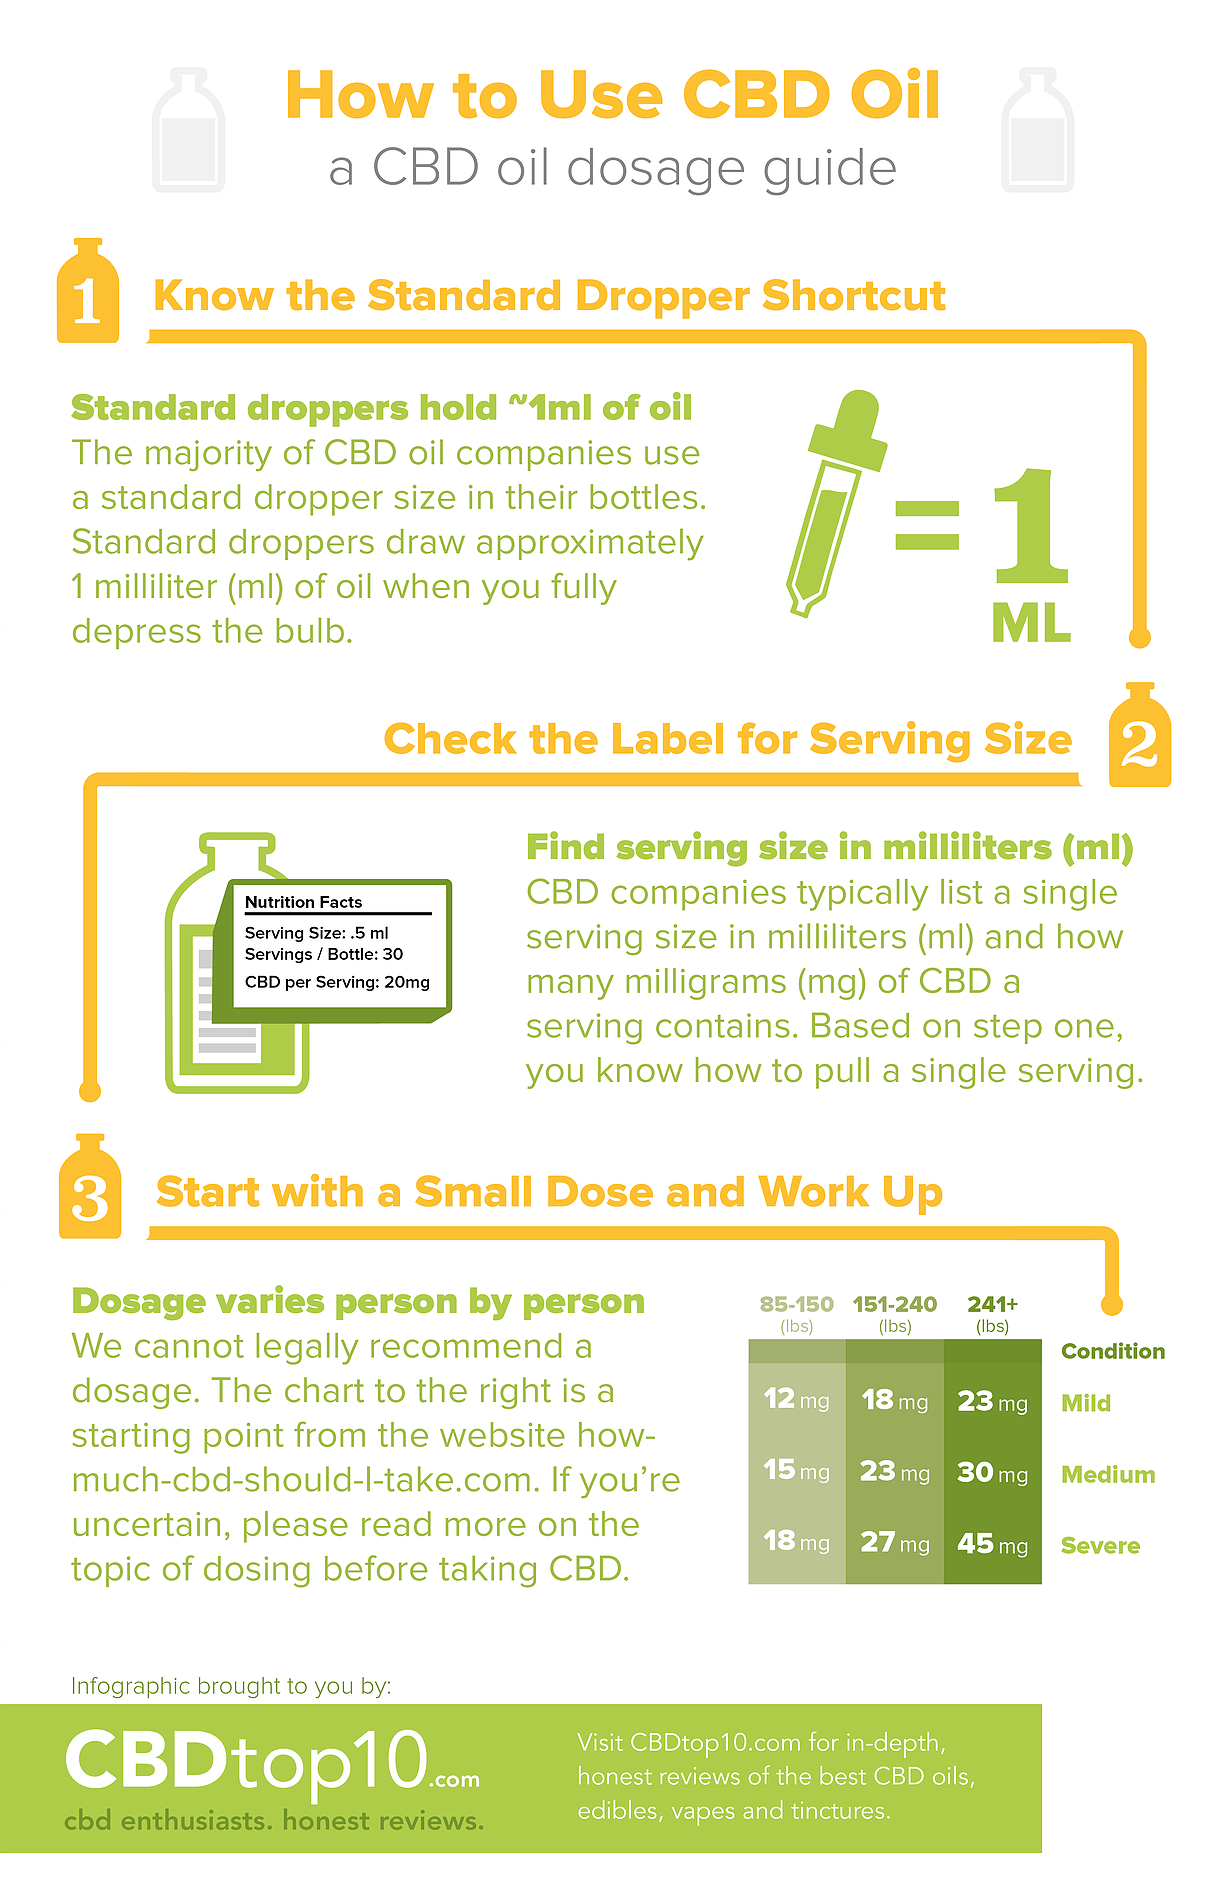 how-to-use-cbd-oil-infographic-lkrllc